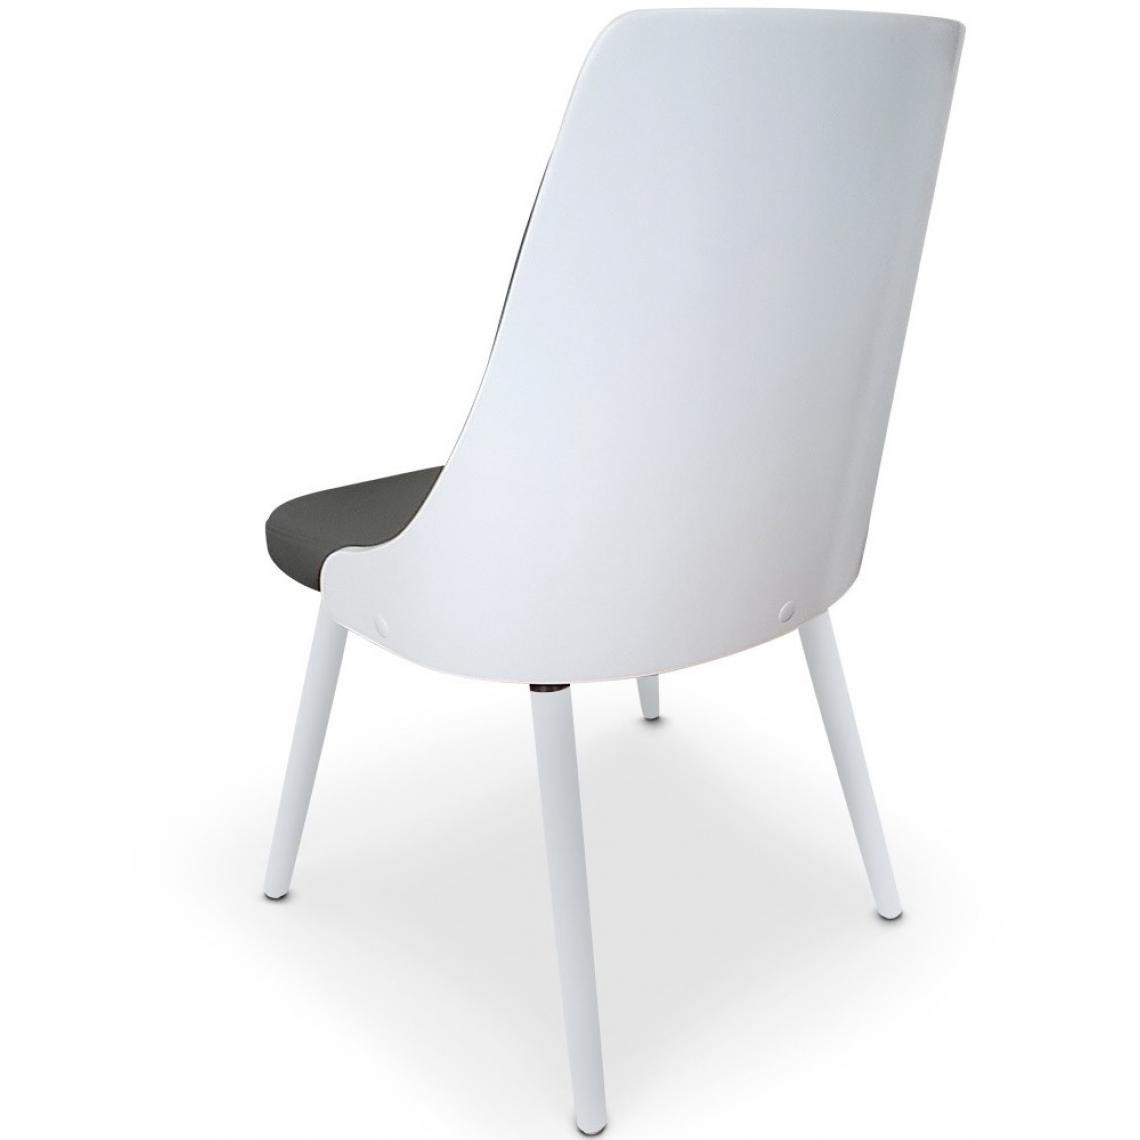 lot de 2 chaises scandinave blanc et gris hadra